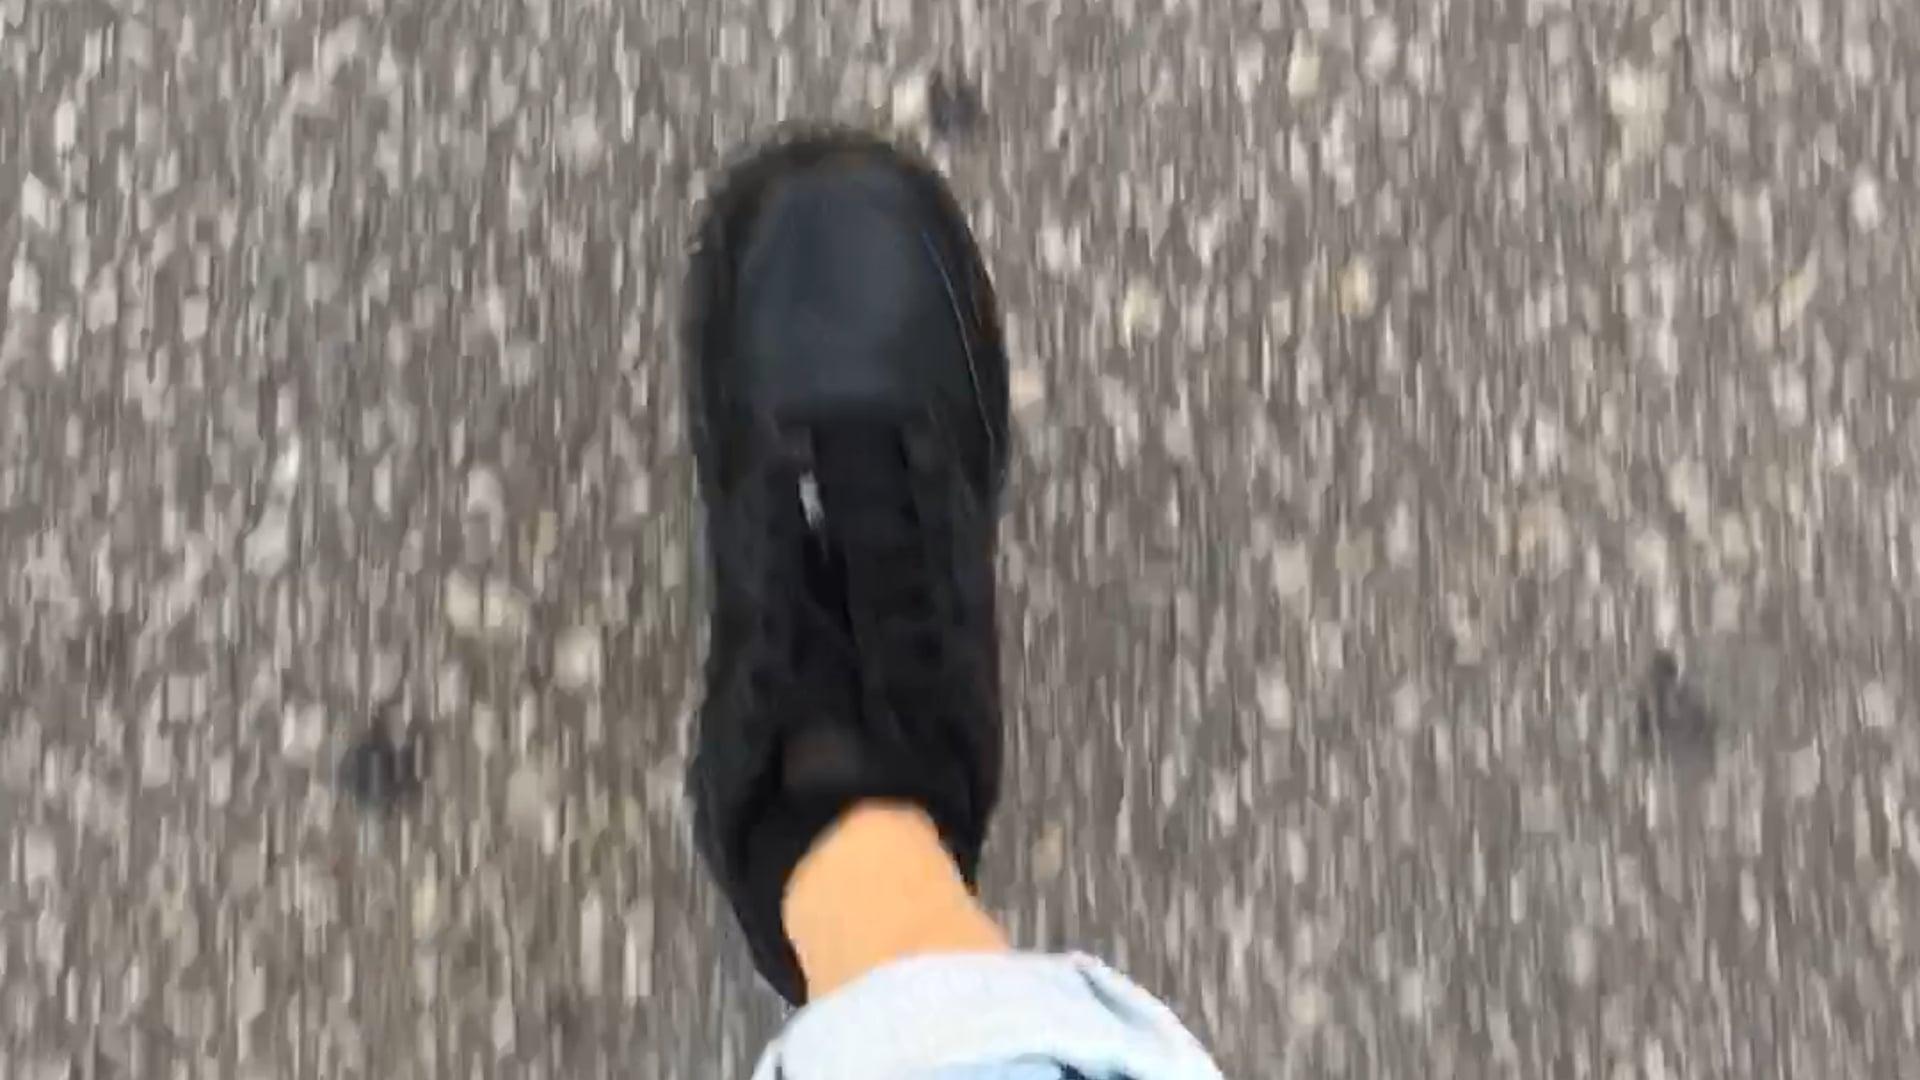 série Caminhadas, vídeo 11, em 1 parte